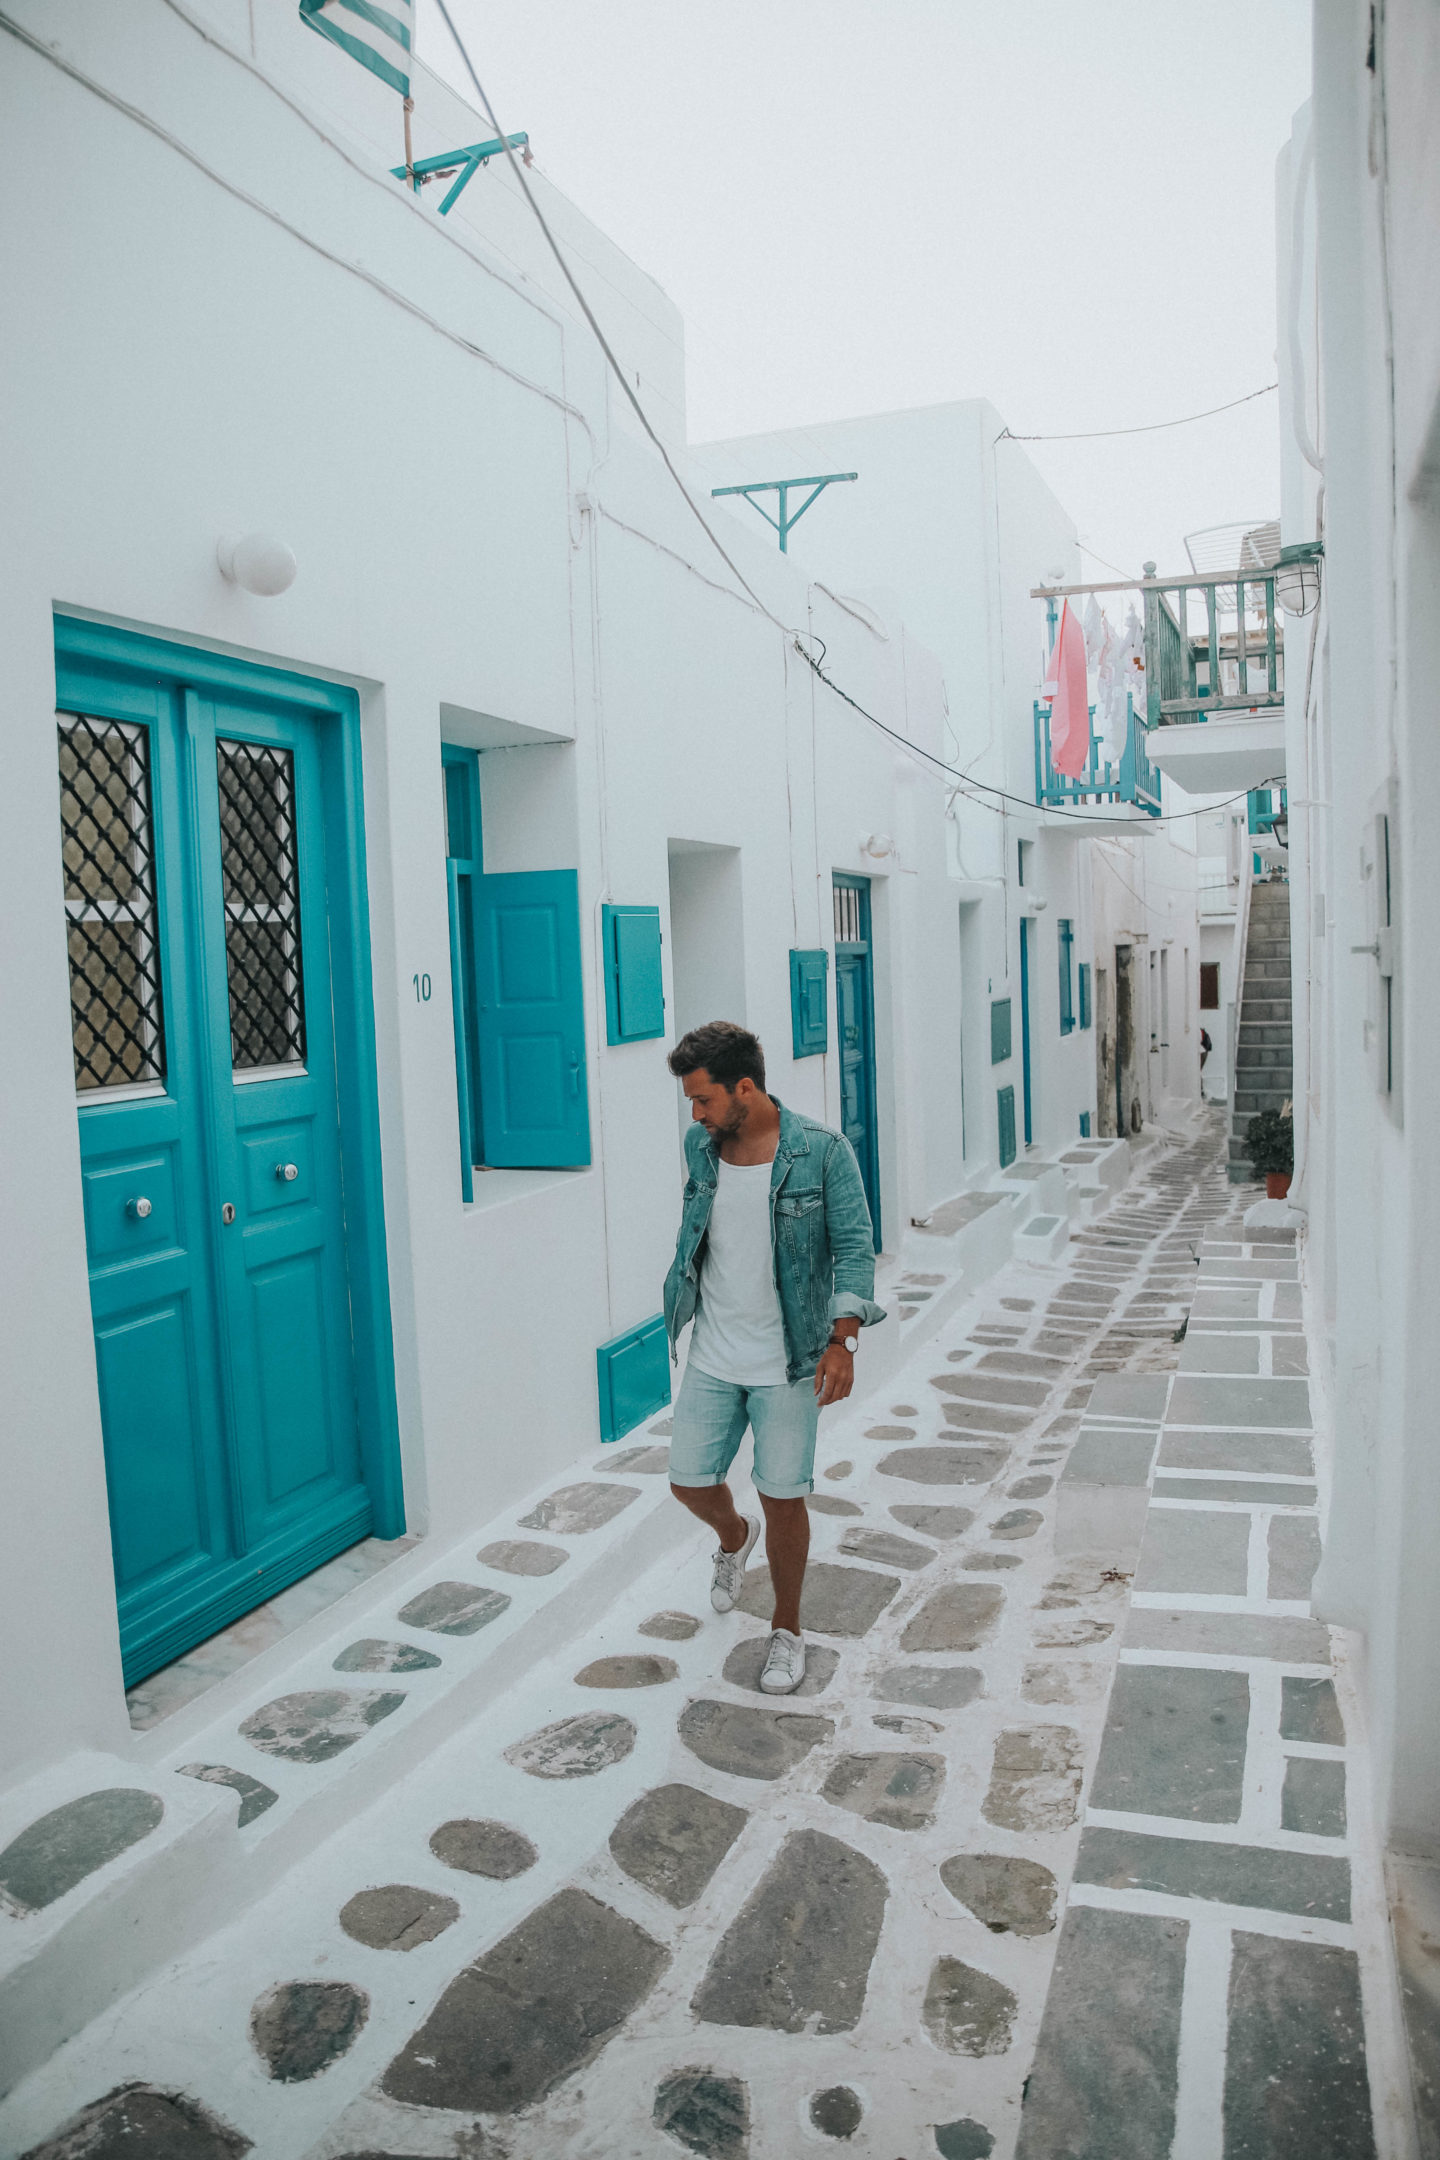 Visiter Mykonos, Grèce - Blondie Baby blog mode et voyages